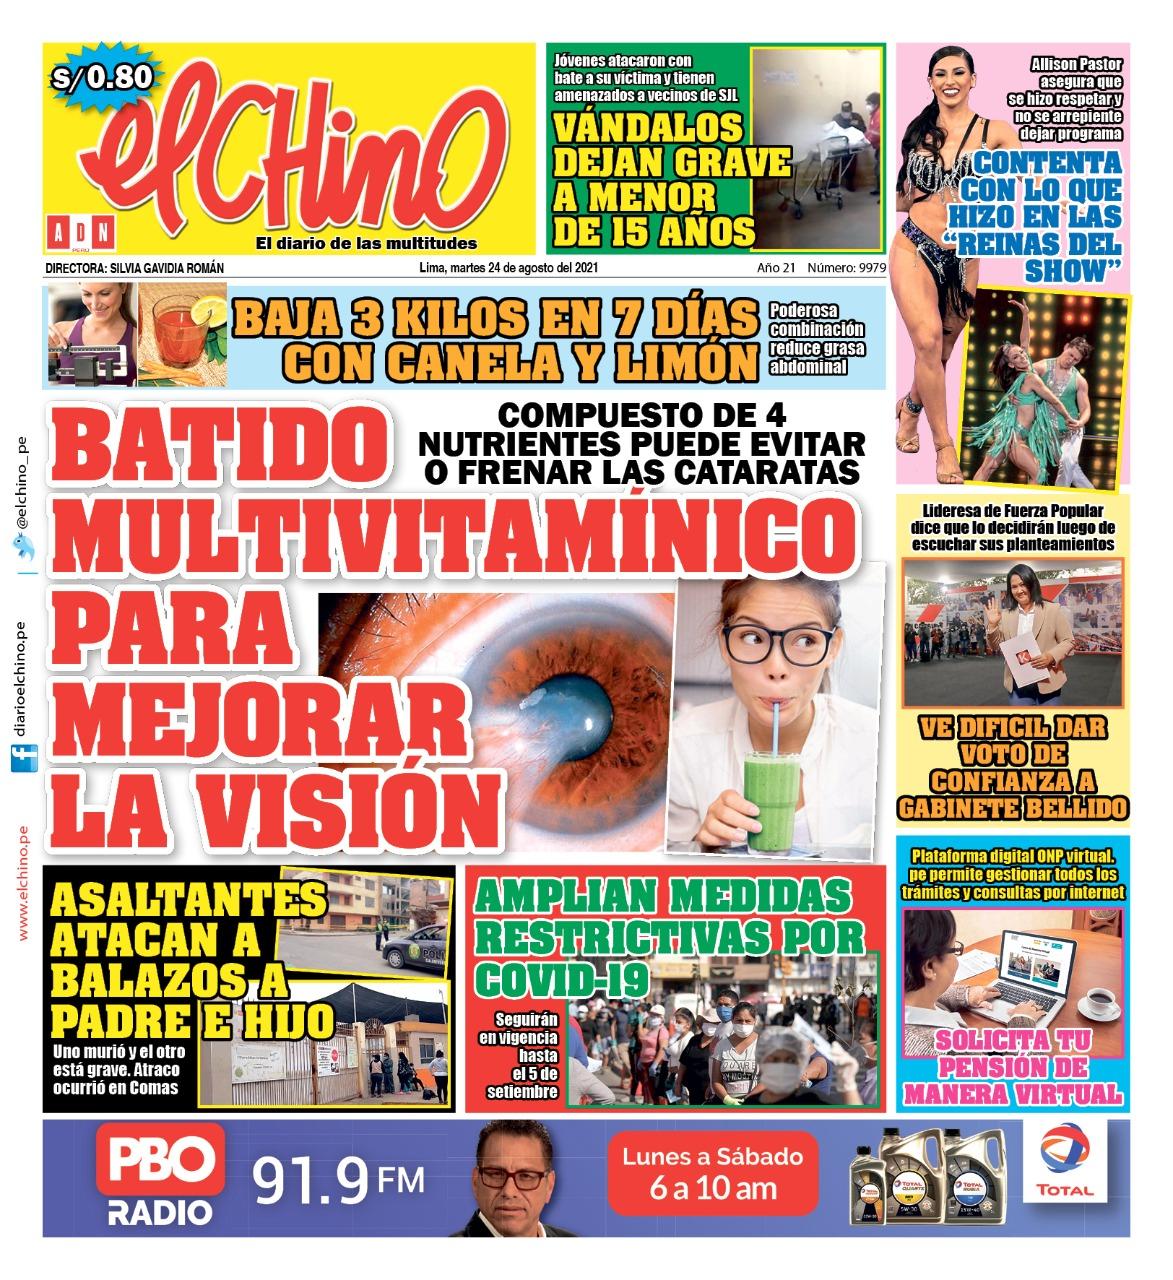 Portada impresa – Diario El Chino (24/08/2021)